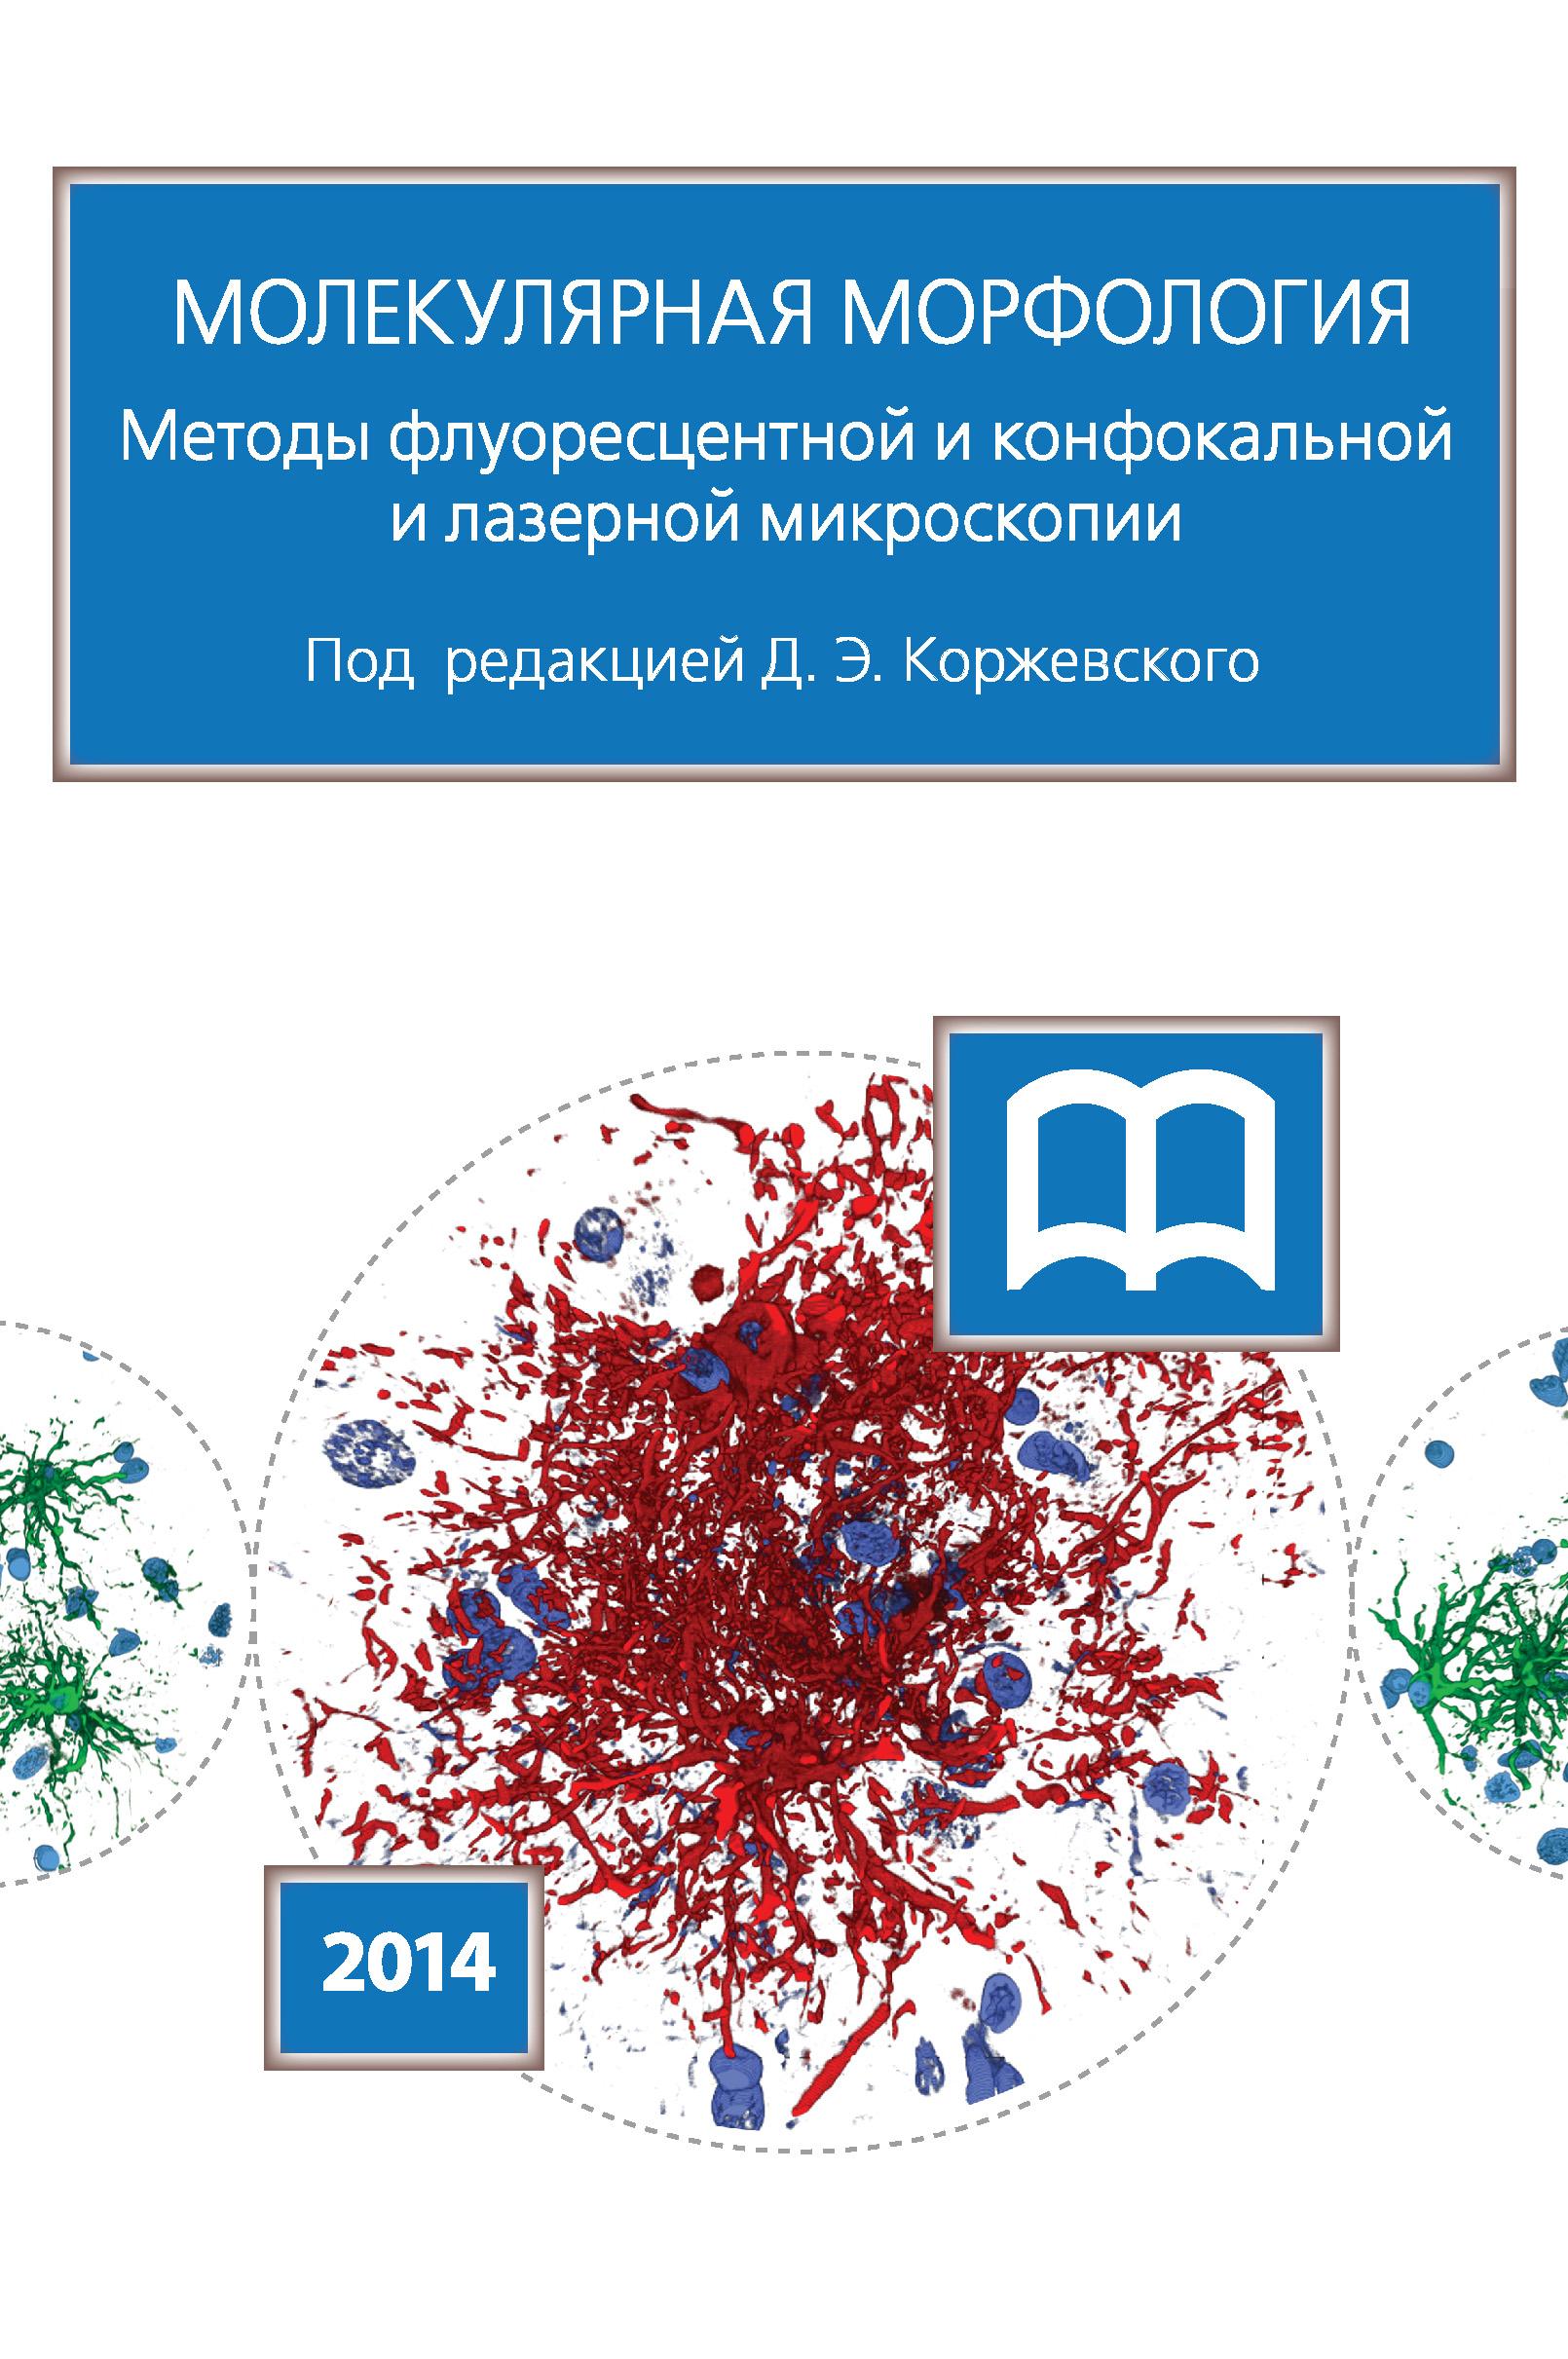 Коллектив авторов Молекулярная морфология. Методы флуоресцентной и конфокальной лазерной микроскопии